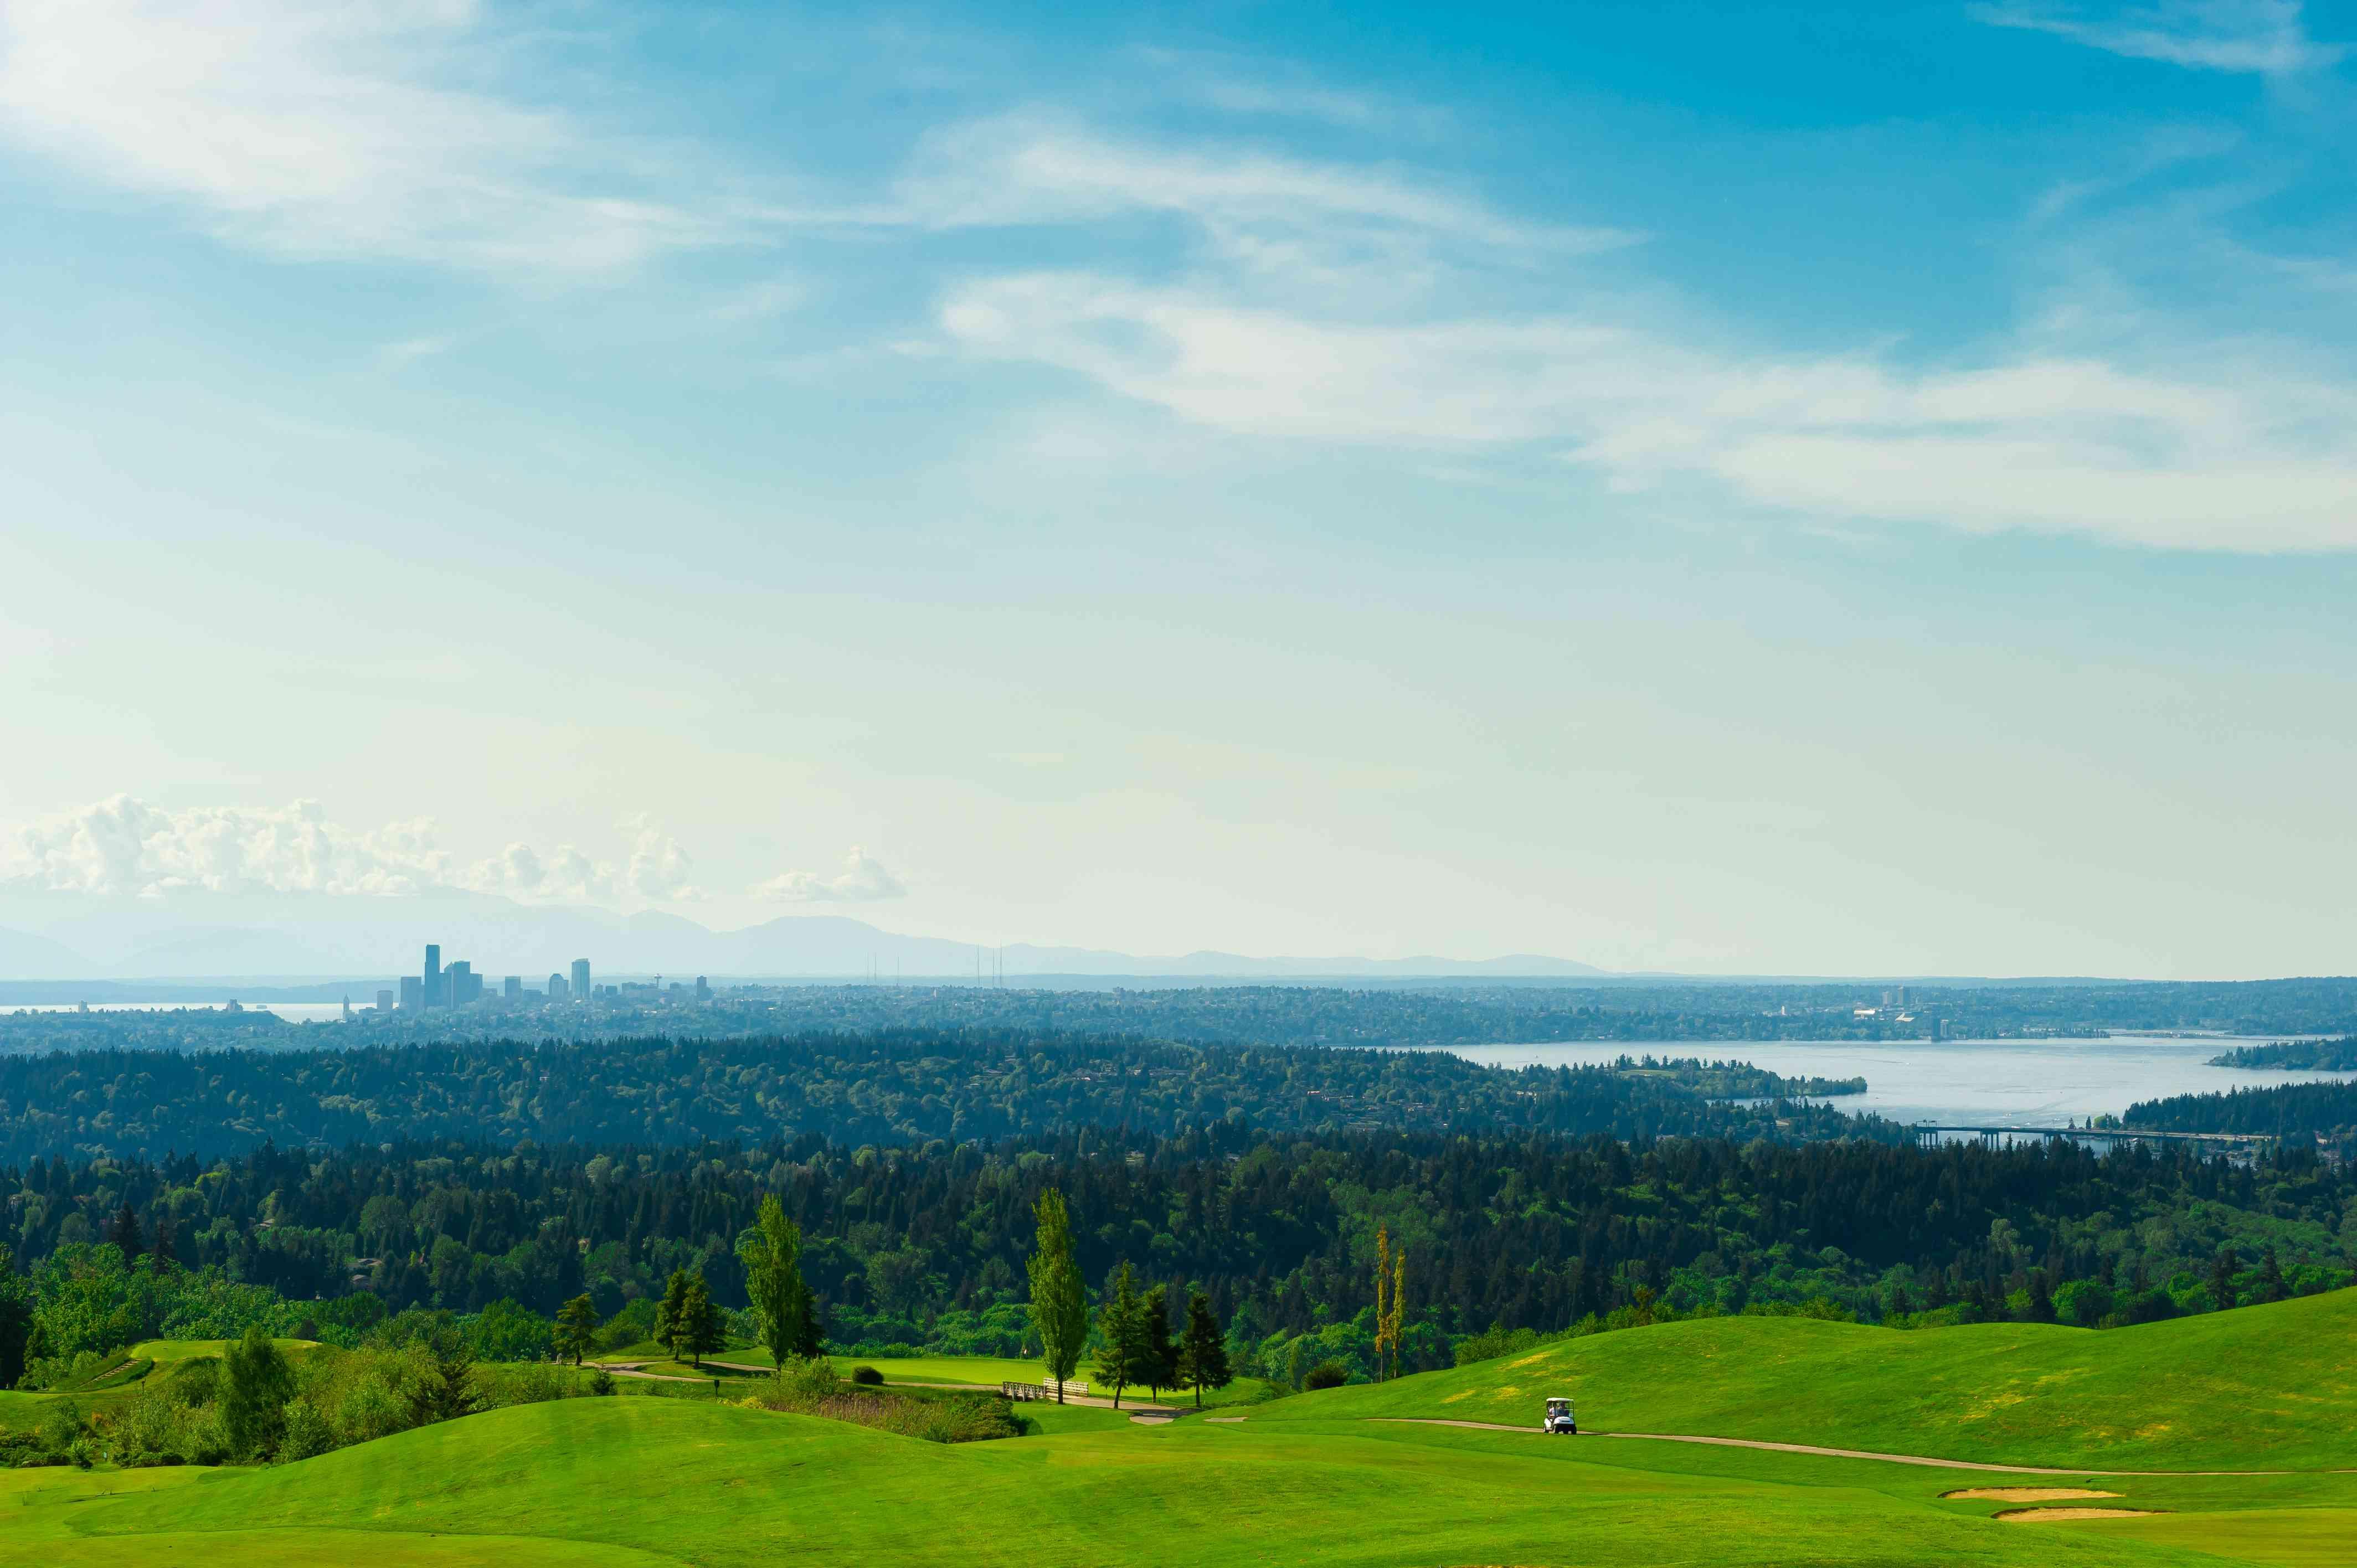 Campo de golf con hierba verde y el centro de Seattle